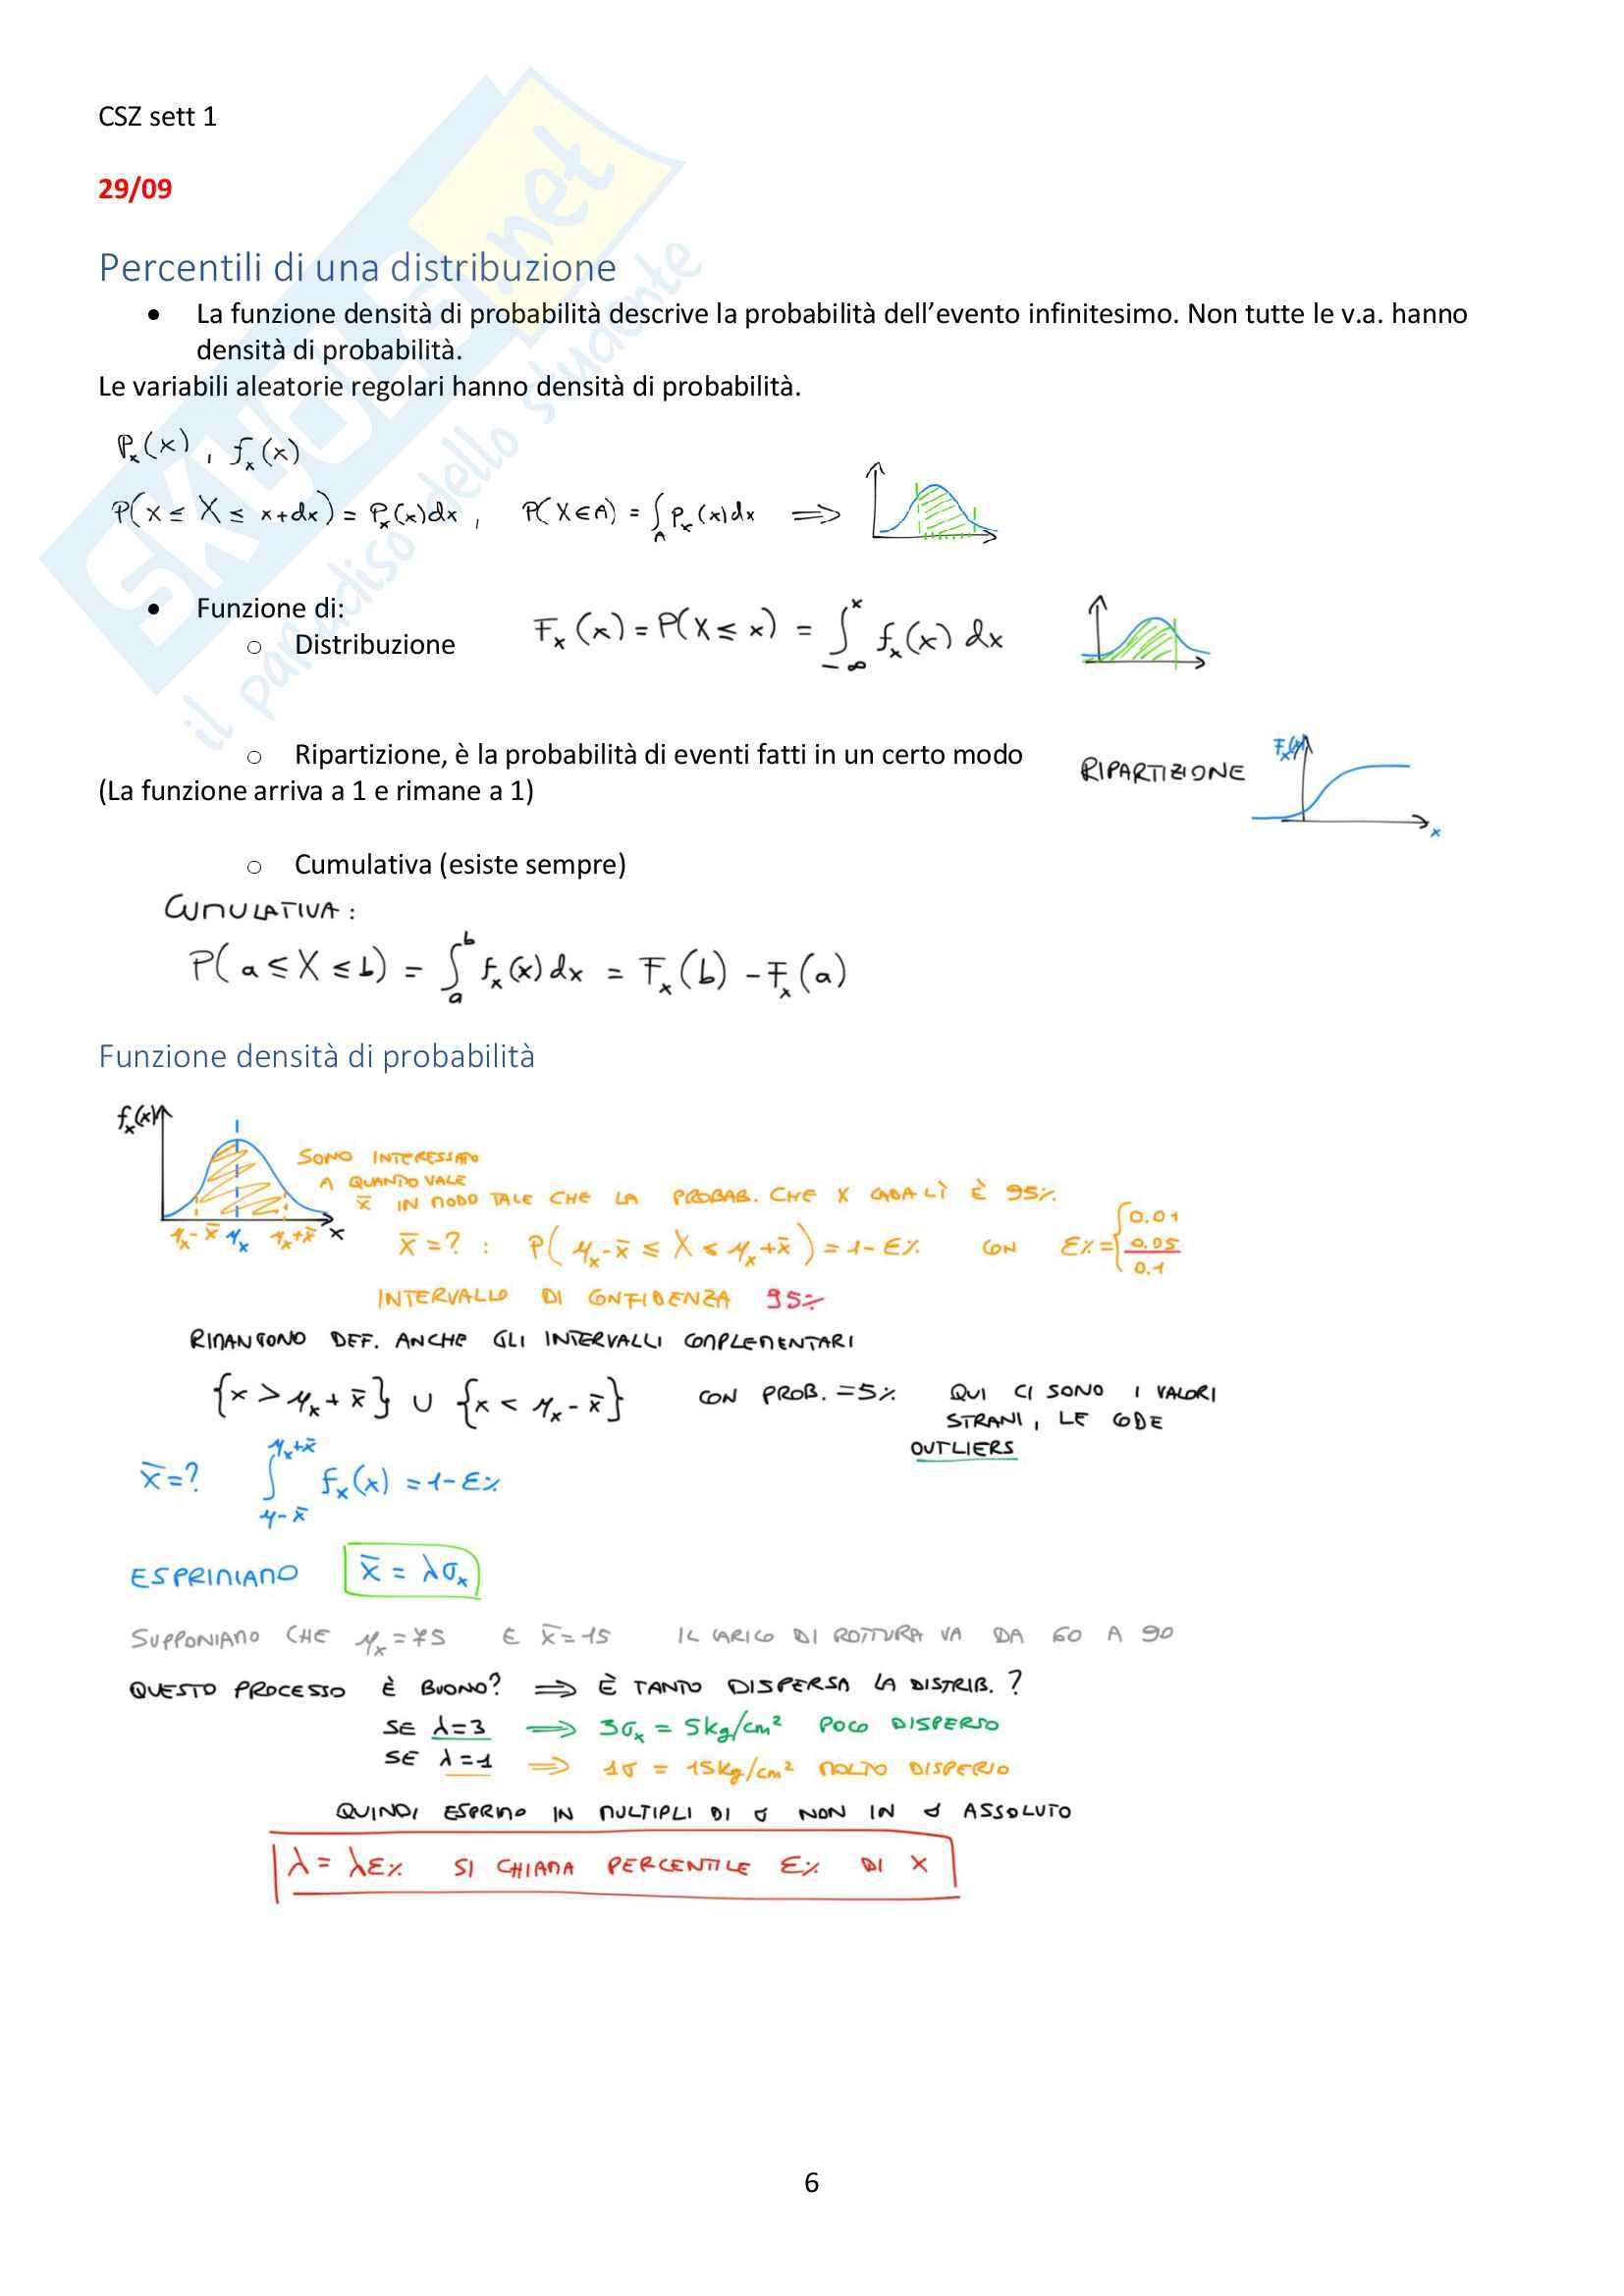 Appunti del corso Modellistica e identificazione, prof. De Santis Pag. 6